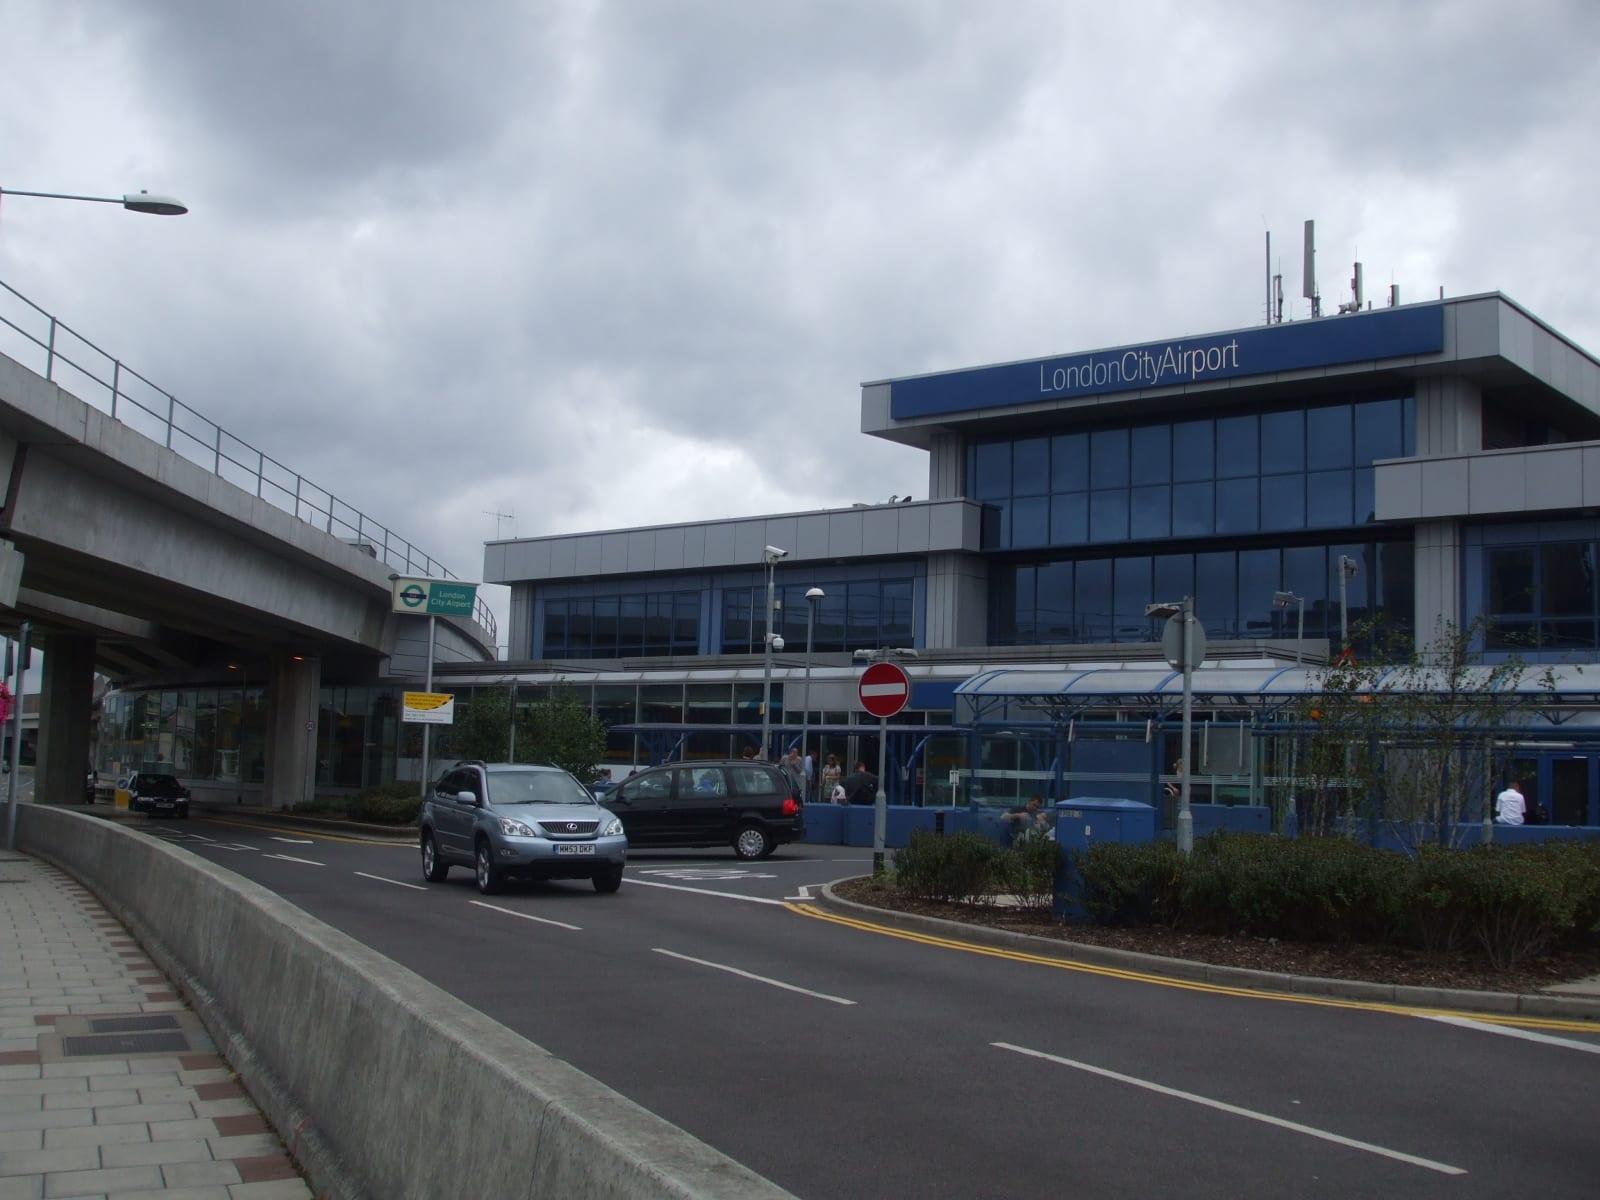 aeropuerto Londres London City Airport